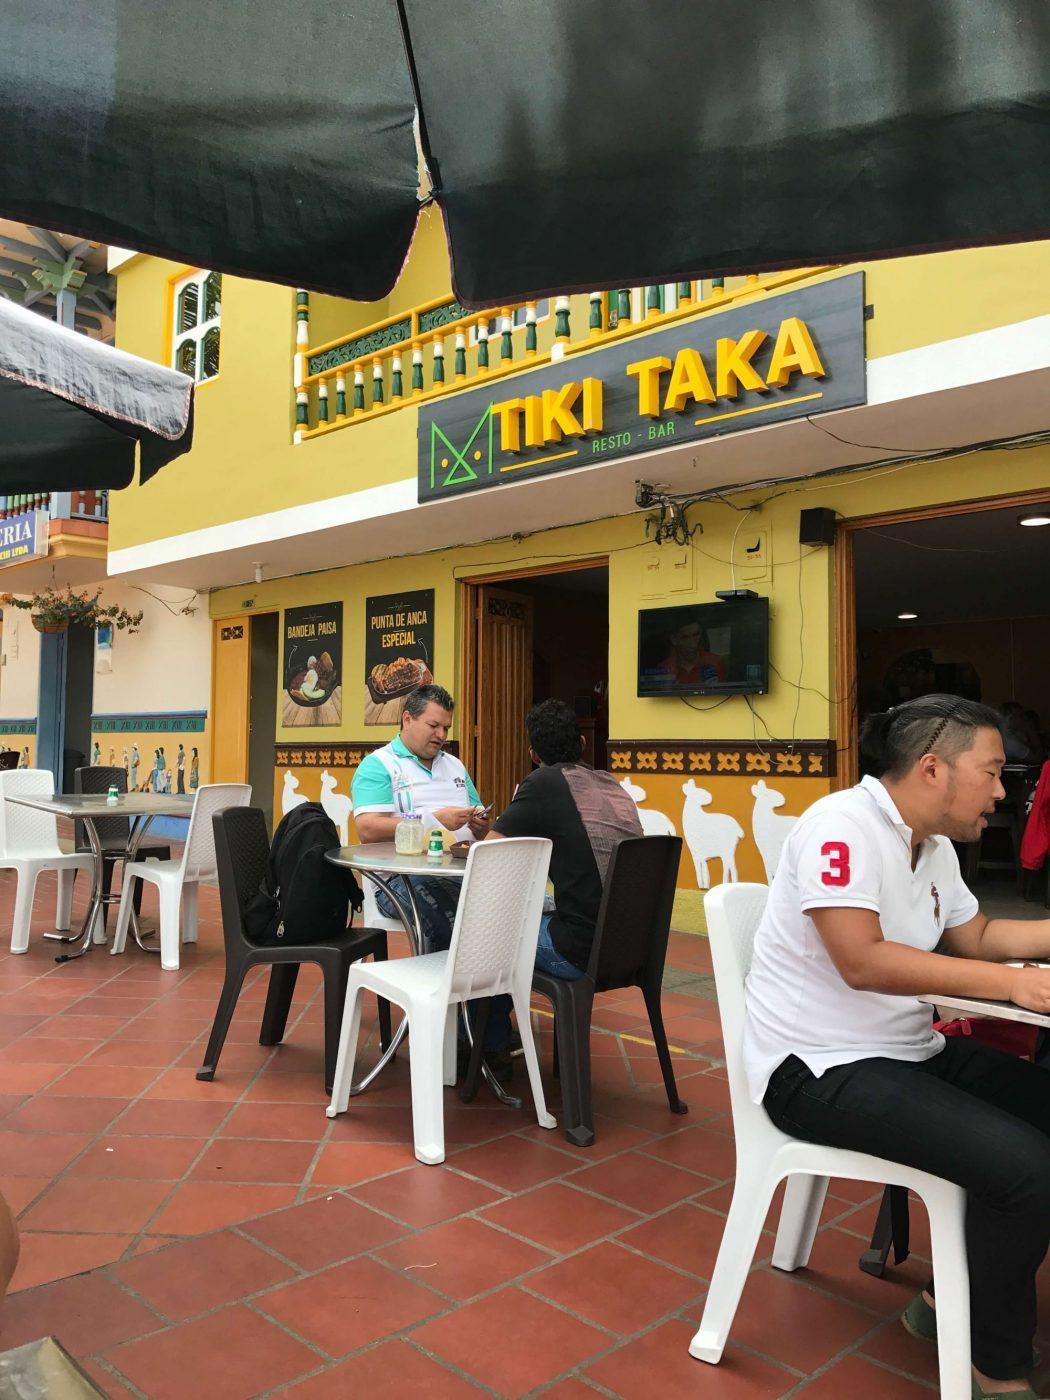 Tiki Taka restaurant guatape